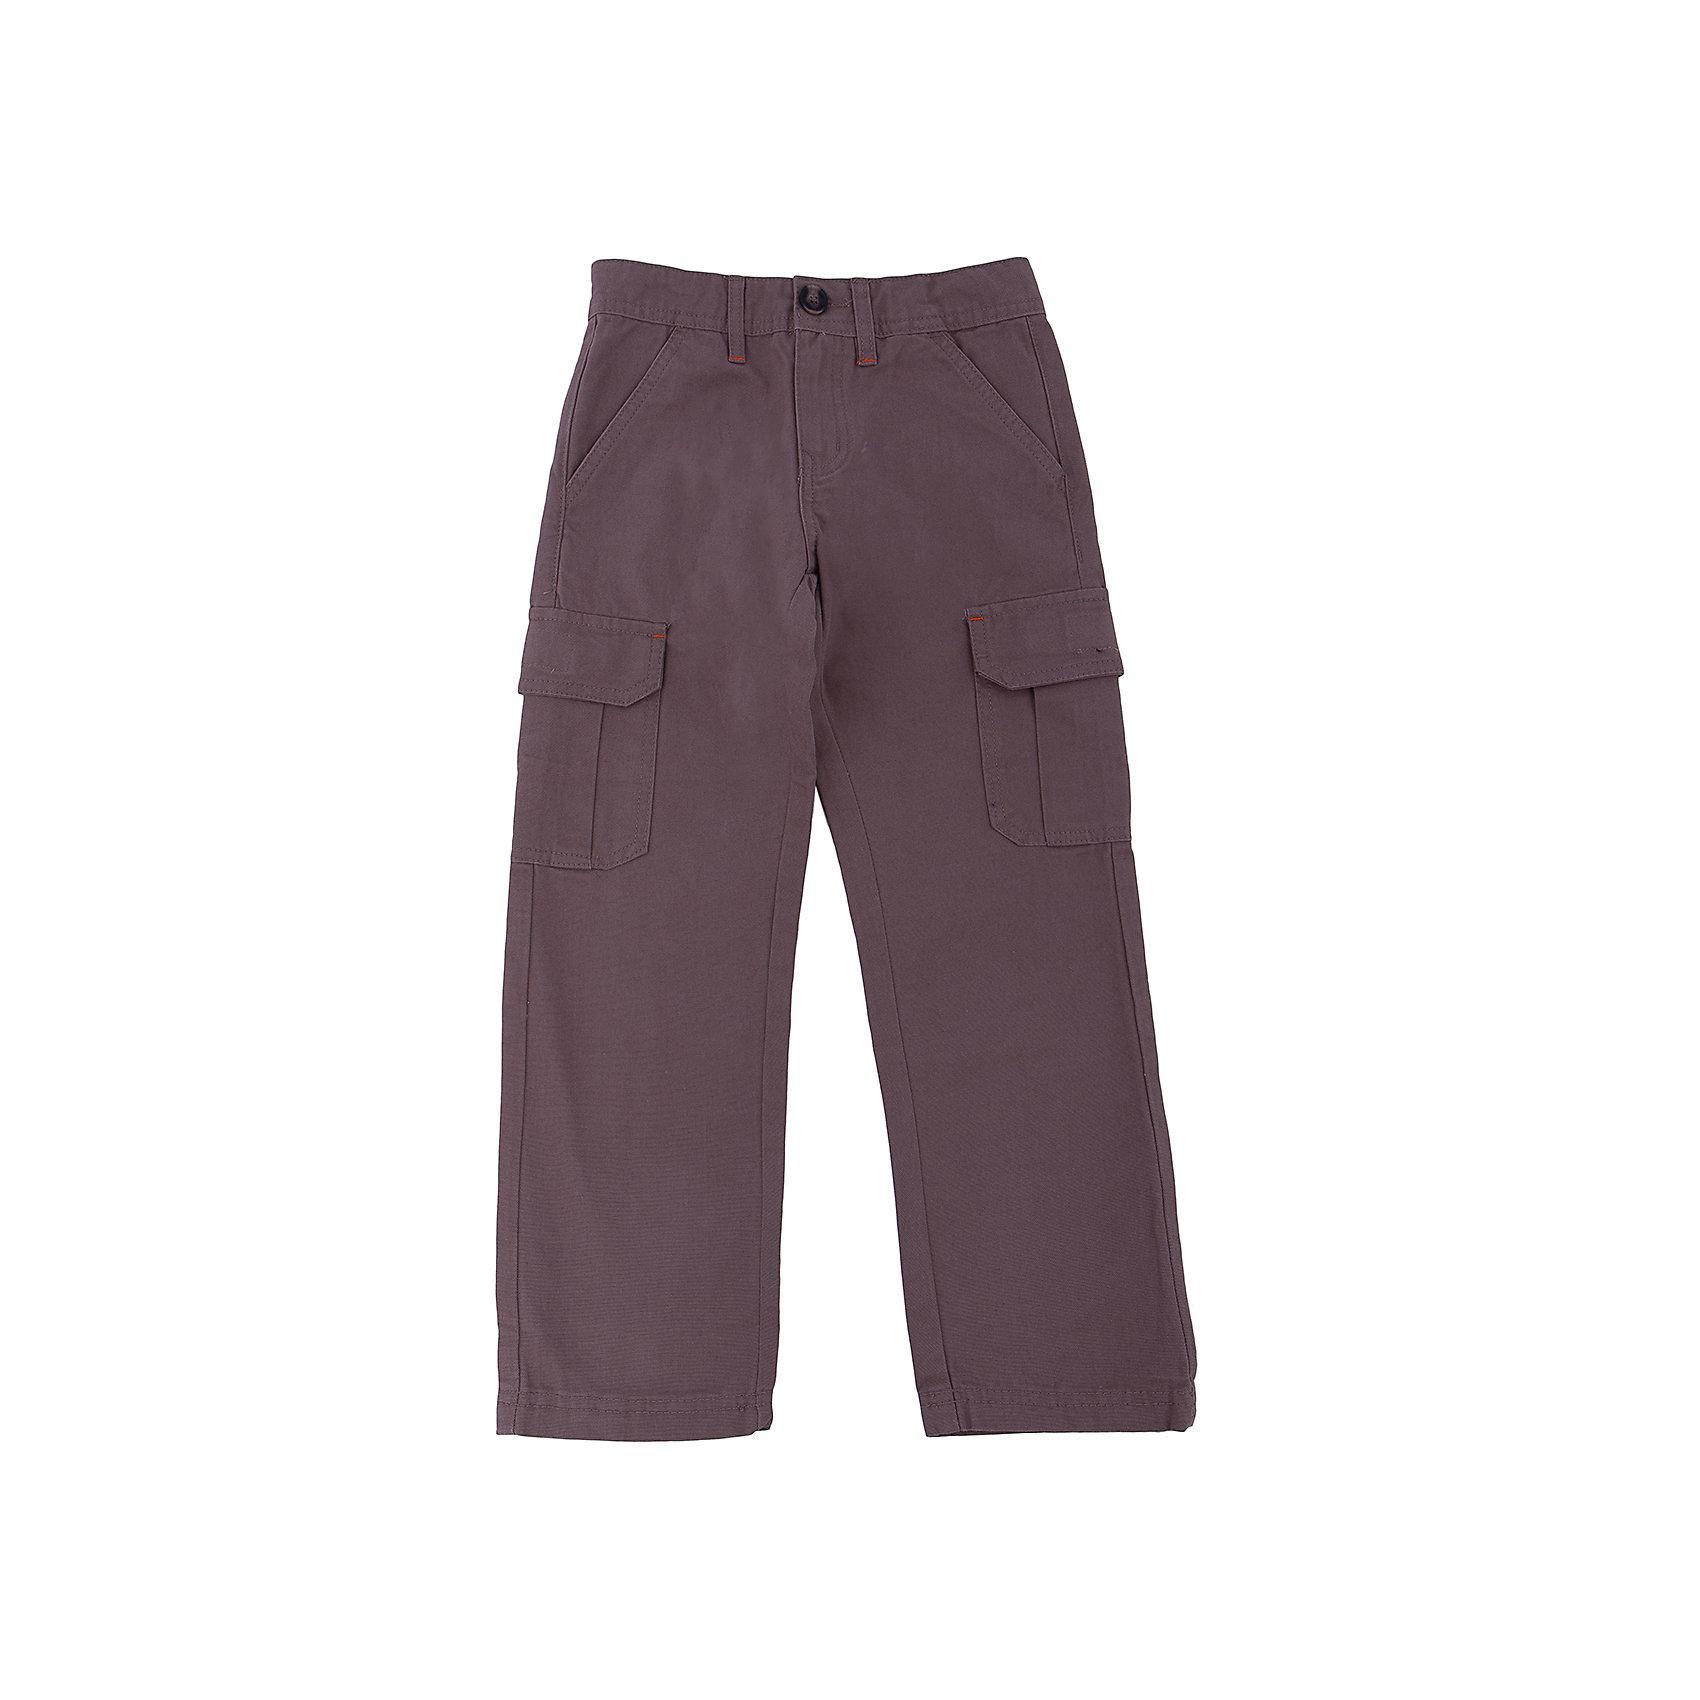 Брюки для мальчика SELAБрюки<br>Брюки для мальчика из коллекции осень-зима 2016-2017 от известного бренда SELA. Стильные брюки с большими карманами по бокам приятного серо-коричневого цвета сделаны из хлопка. Брюки на молнии, имеют 6 карманов, прекрасно подойдут как к рубашкам, так и к футболкам.<br><br>Дополнительная информация:<br>- Силуэт прямой <br><br>Состав: 100% хлопок <br><br>Брюки для мальчиков Sela можно купить в нашем интернет-магазине.<br>.<br>Подробнее:<br>• Для детей в возрасте: от 6 до 12 лет<br>• Номер товара: 4913236<br>Страна производитель: Бангладеш<br><br>Ширина мм: 215<br>Глубина мм: 88<br>Высота мм: 191<br>Вес г: 336<br>Цвет: коричневый<br>Возраст от месяцев: 132<br>Возраст до месяцев: 144<br>Пол: Мужской<br>Возраст: Детский<br>Размер: 152,128,146,134,116,122,140<br>SKU: 4913235